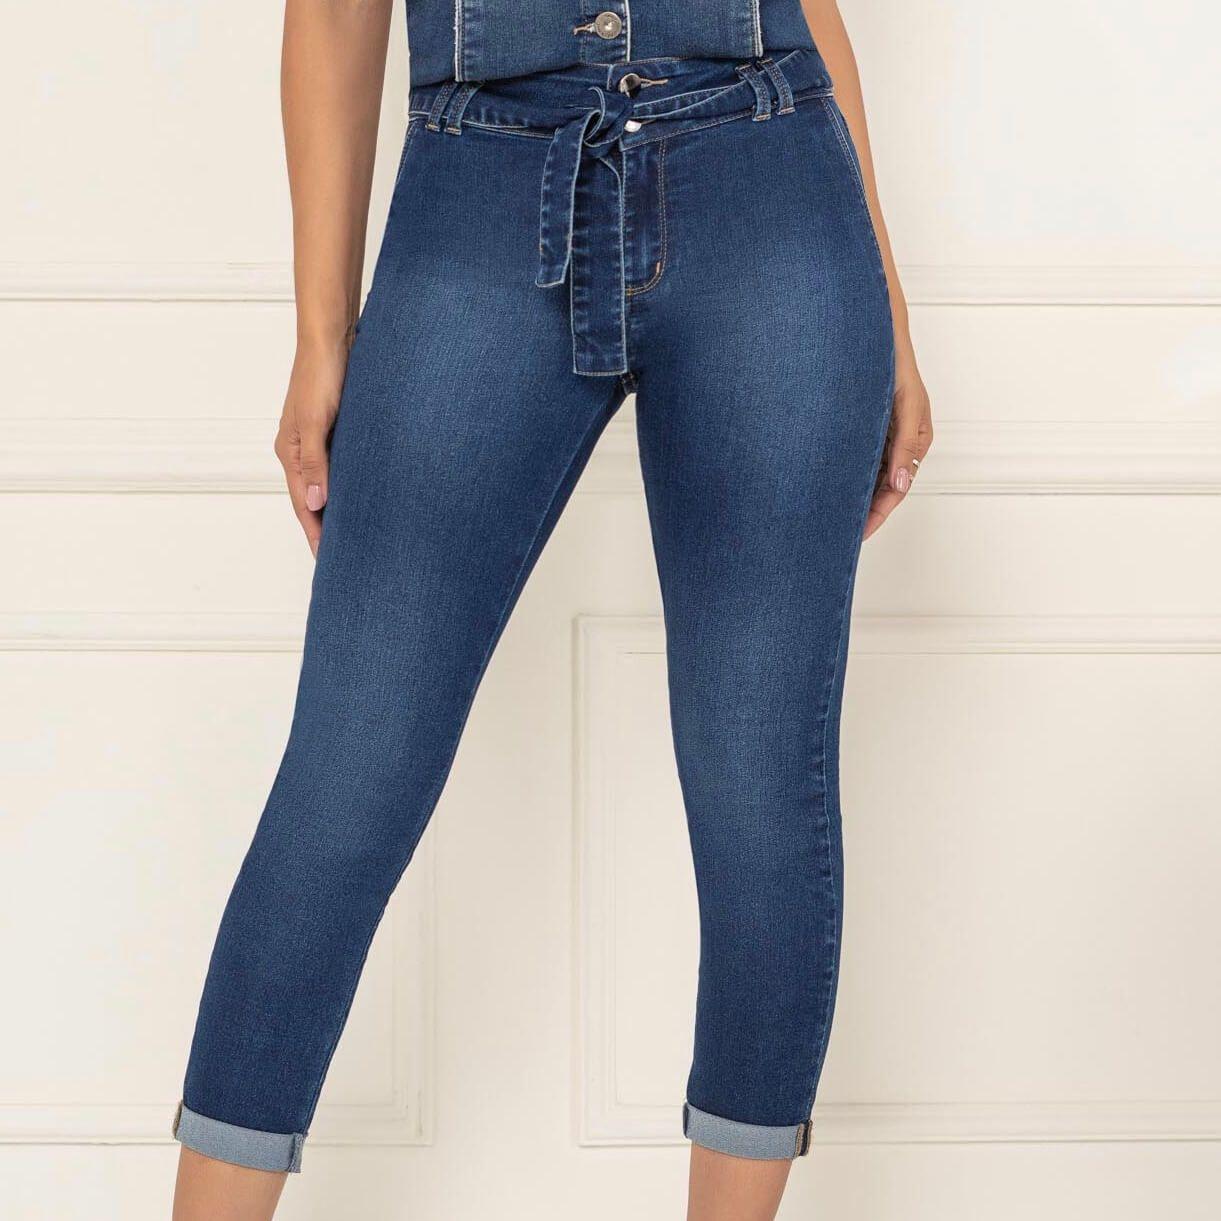 Calça Cropped Lycra Jeans - KACOLAKO